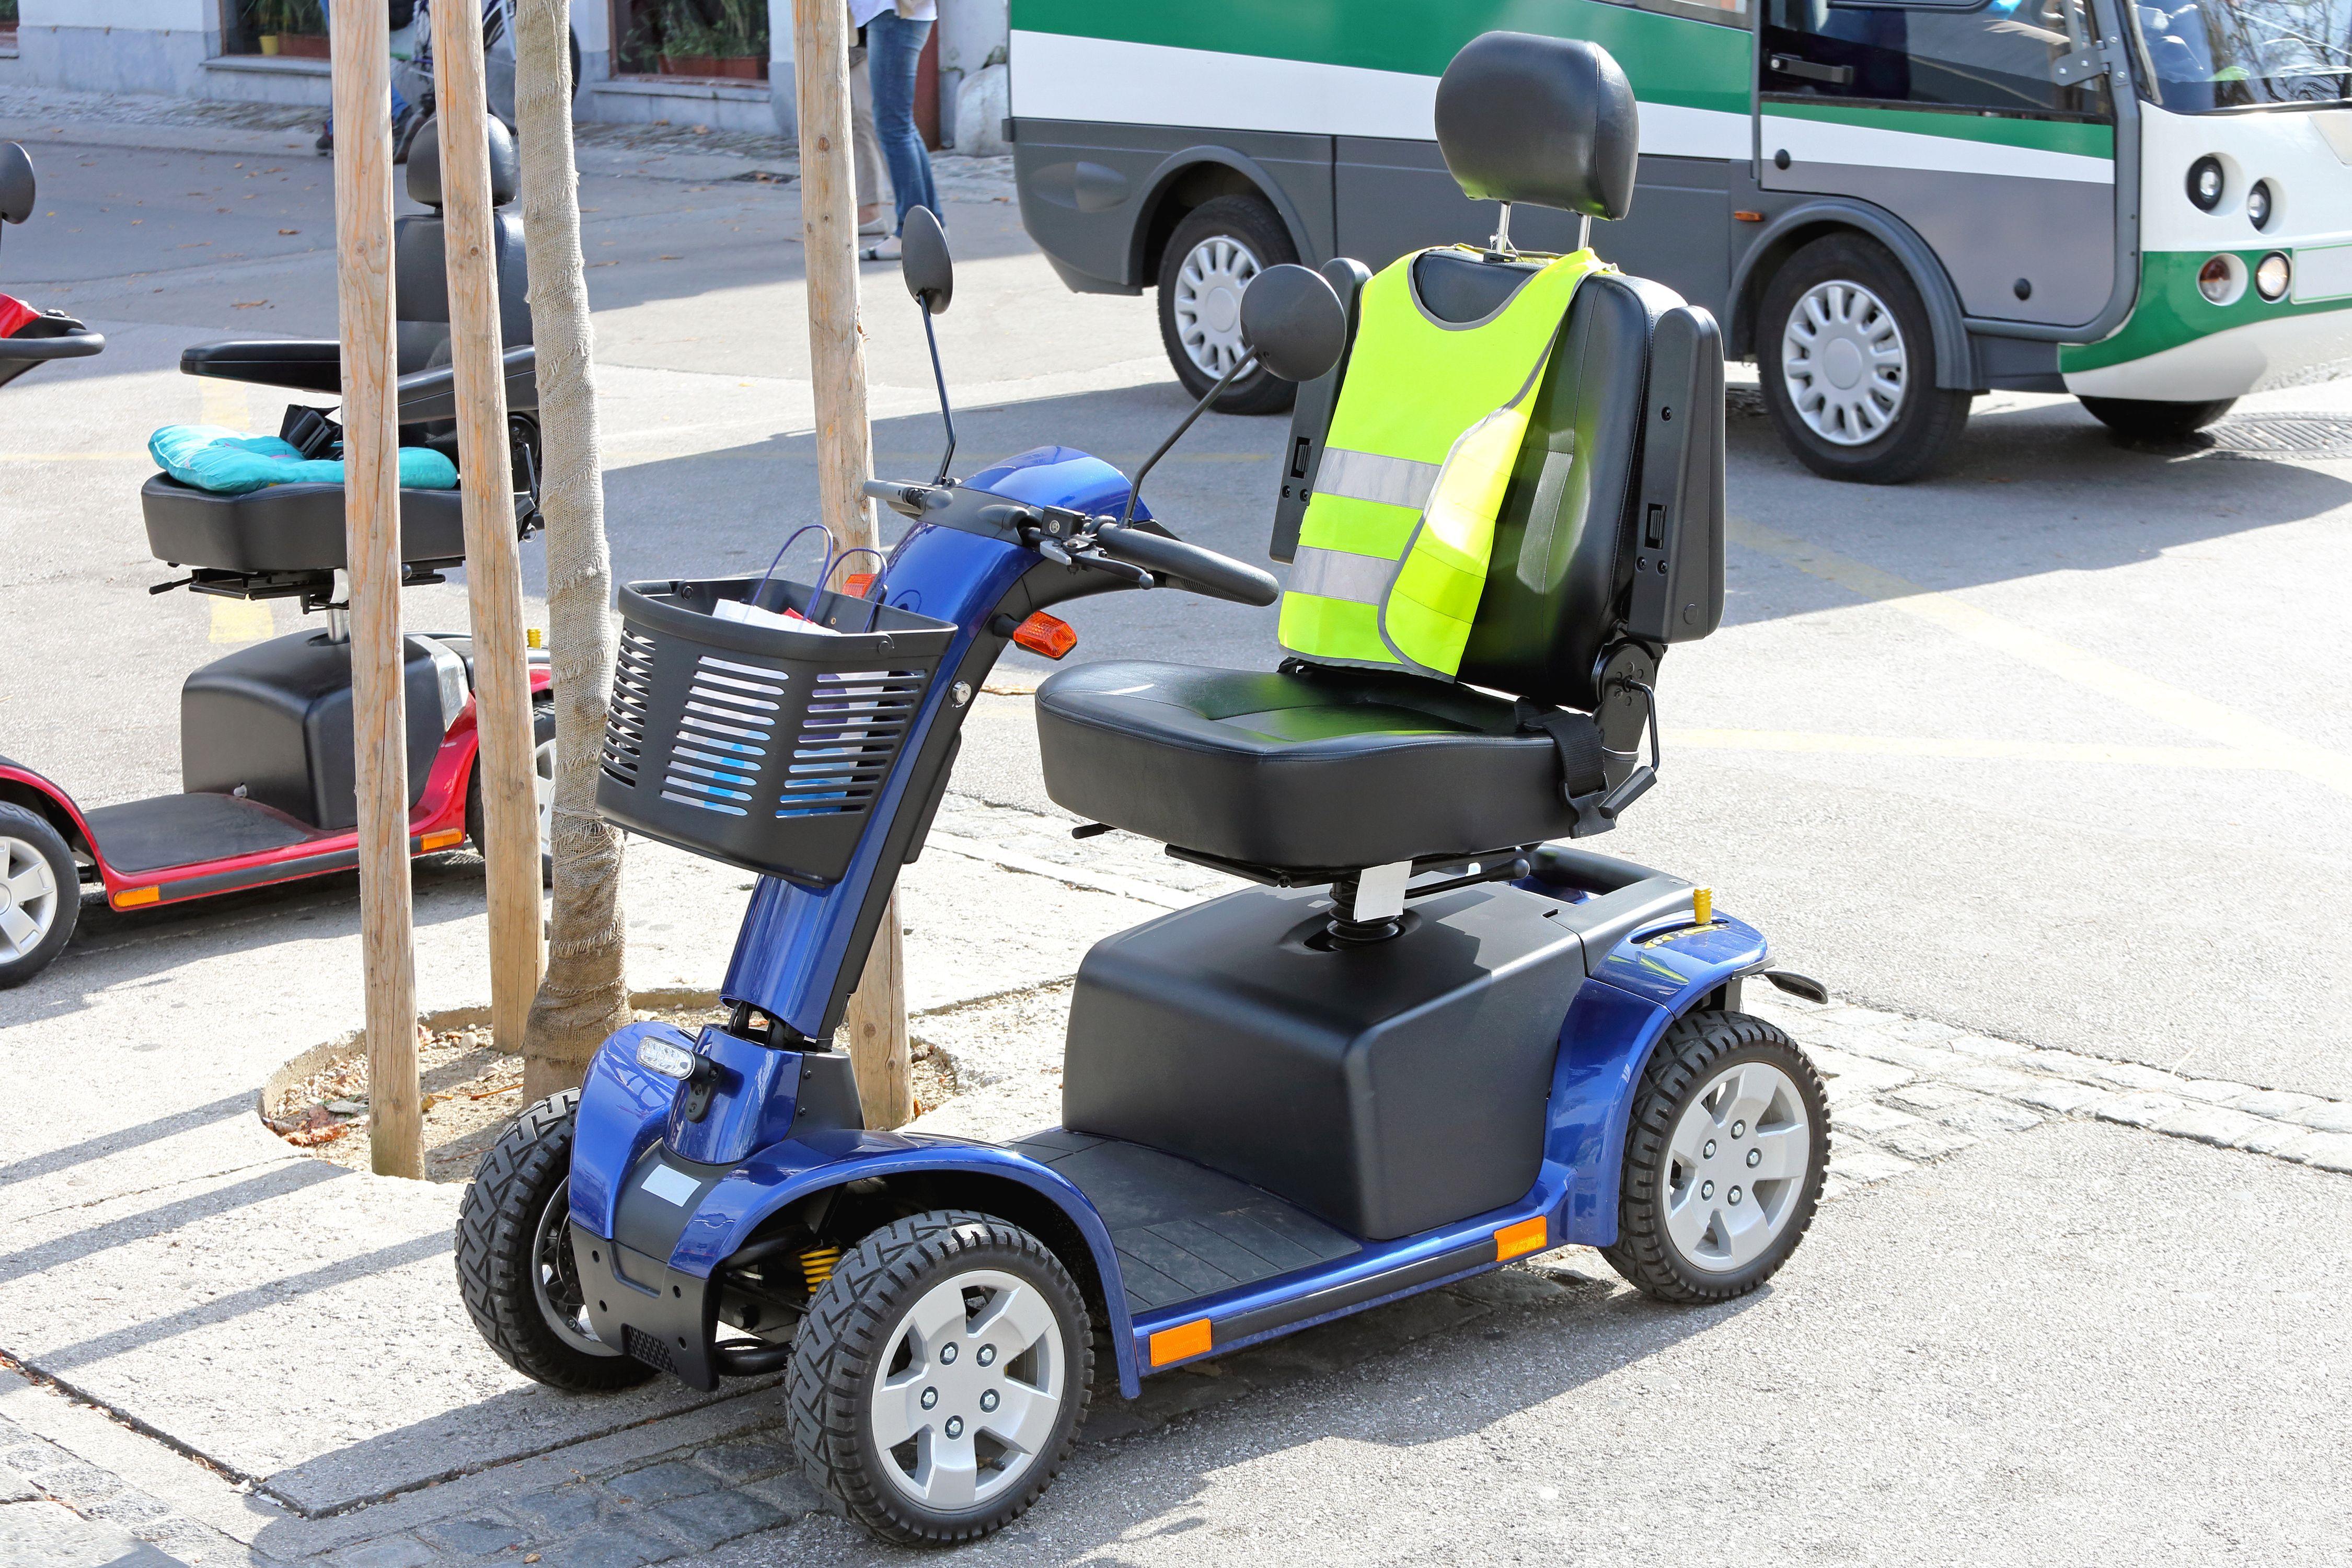 Alquiler de scooter en Calafell